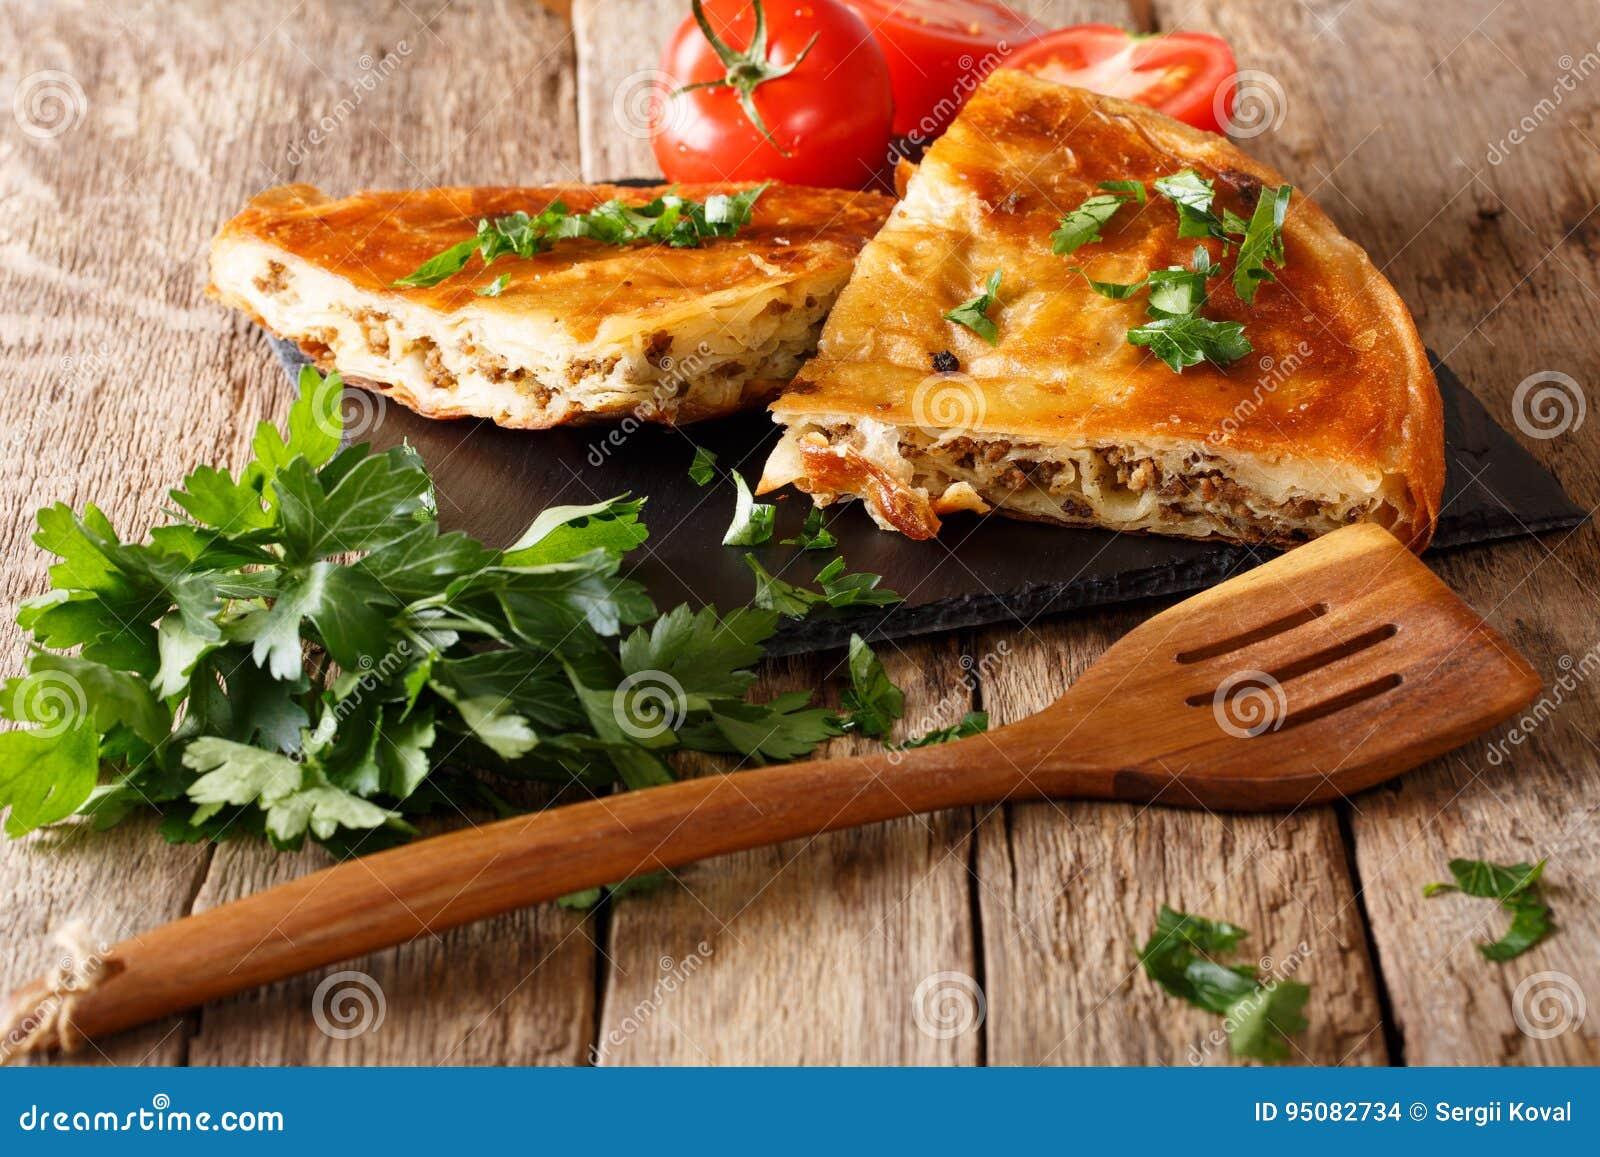 Burek caliente delicioso con el primer de la carne picadita horizontal